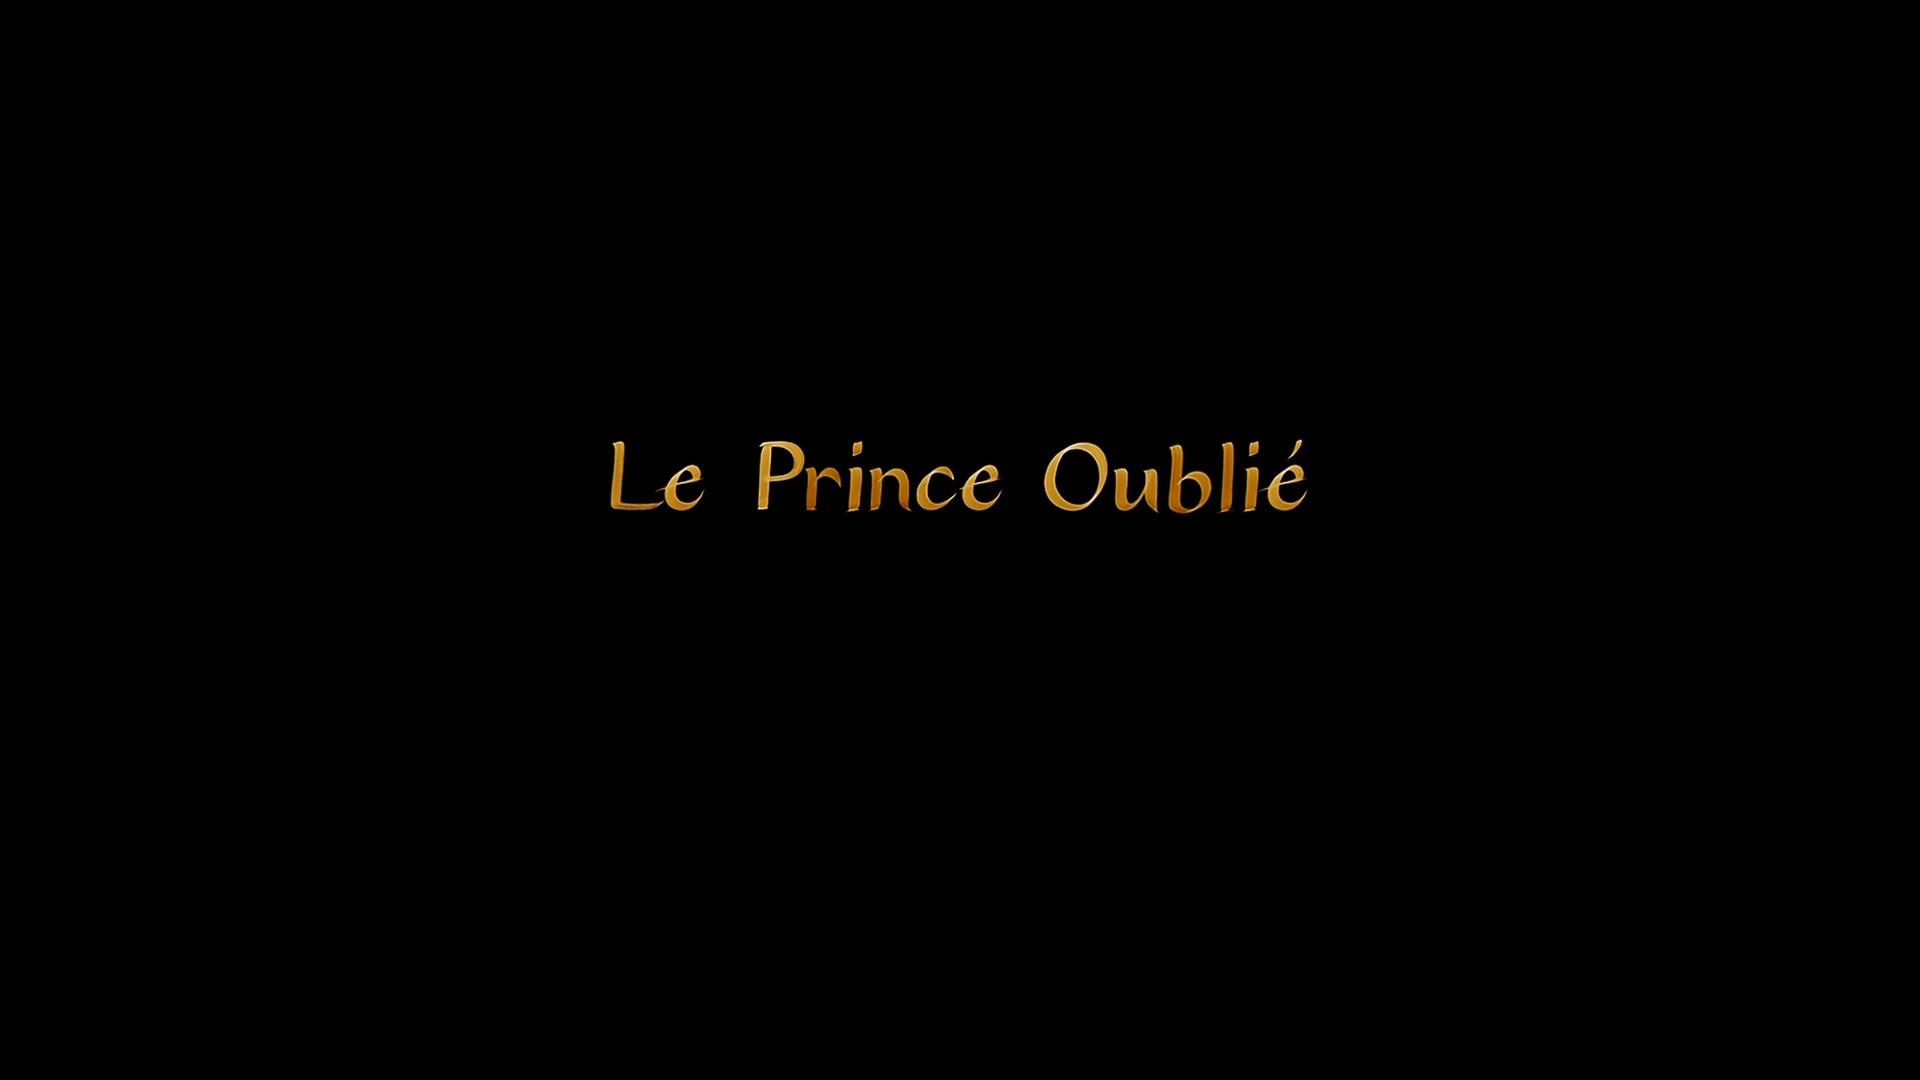 El príncipe olvidado (2020) 1080p Remux Latino